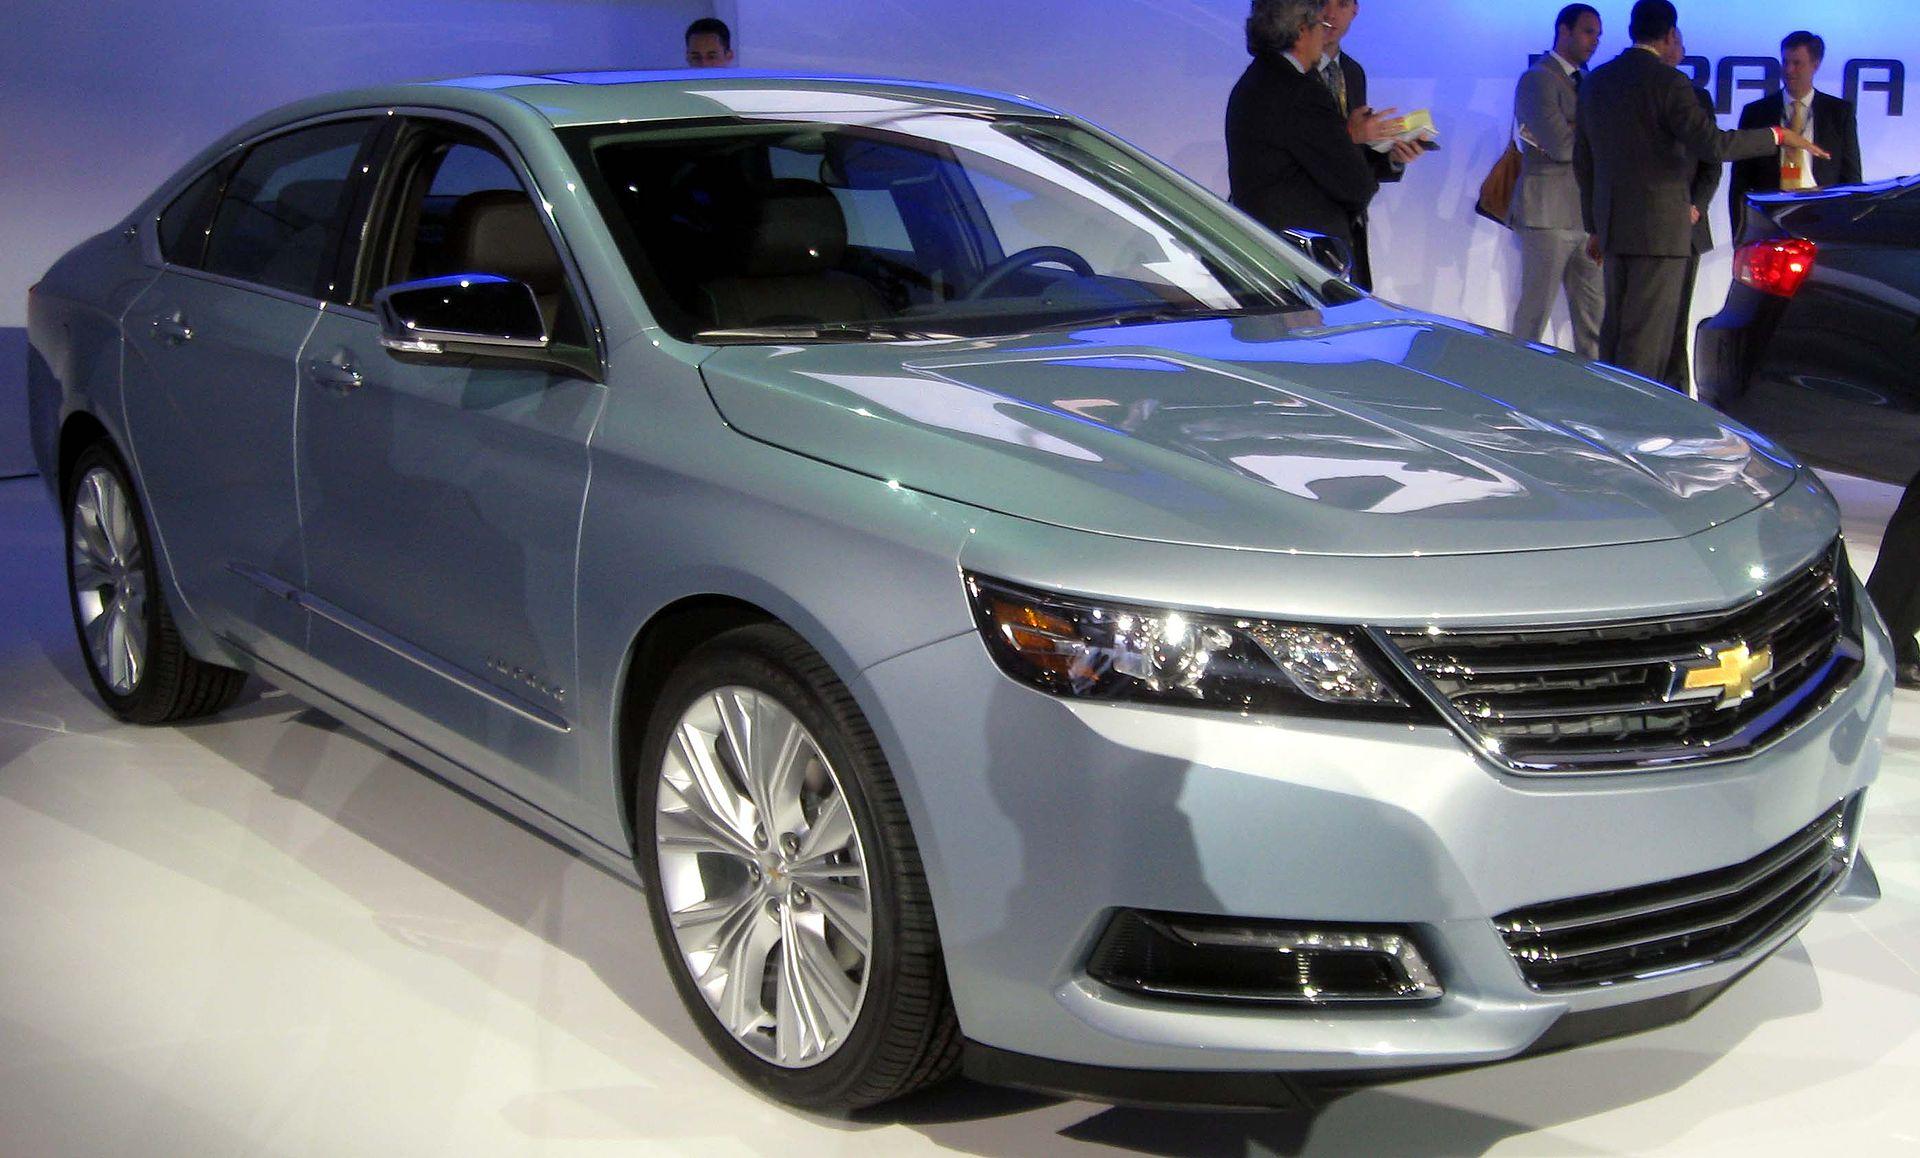 1920px-2014_Chevrolet_Impala_LTZ_--_2012